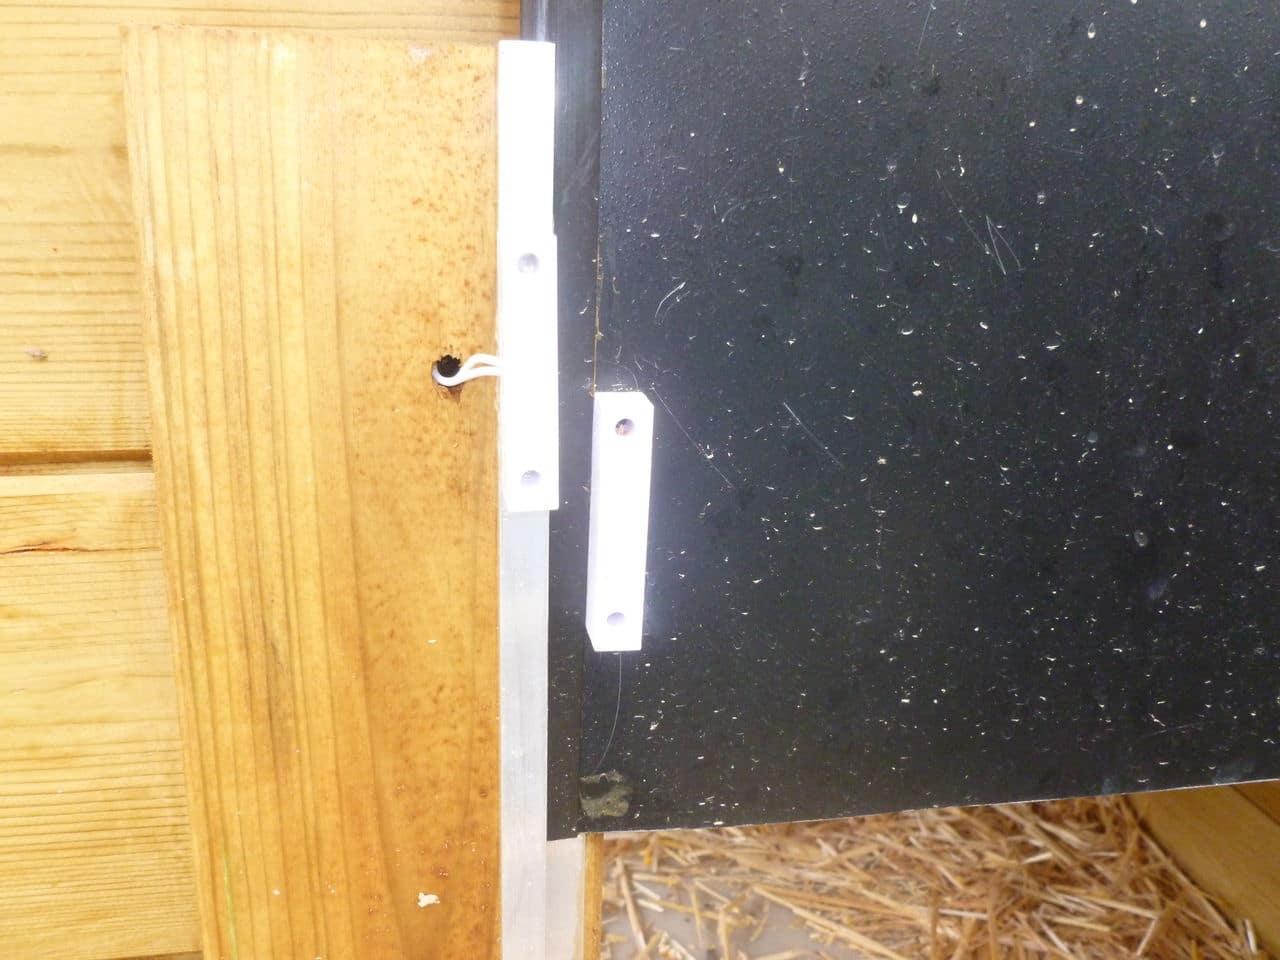 Porte automatique autonome de mon poulailler (sur panneau solaire) P1070730